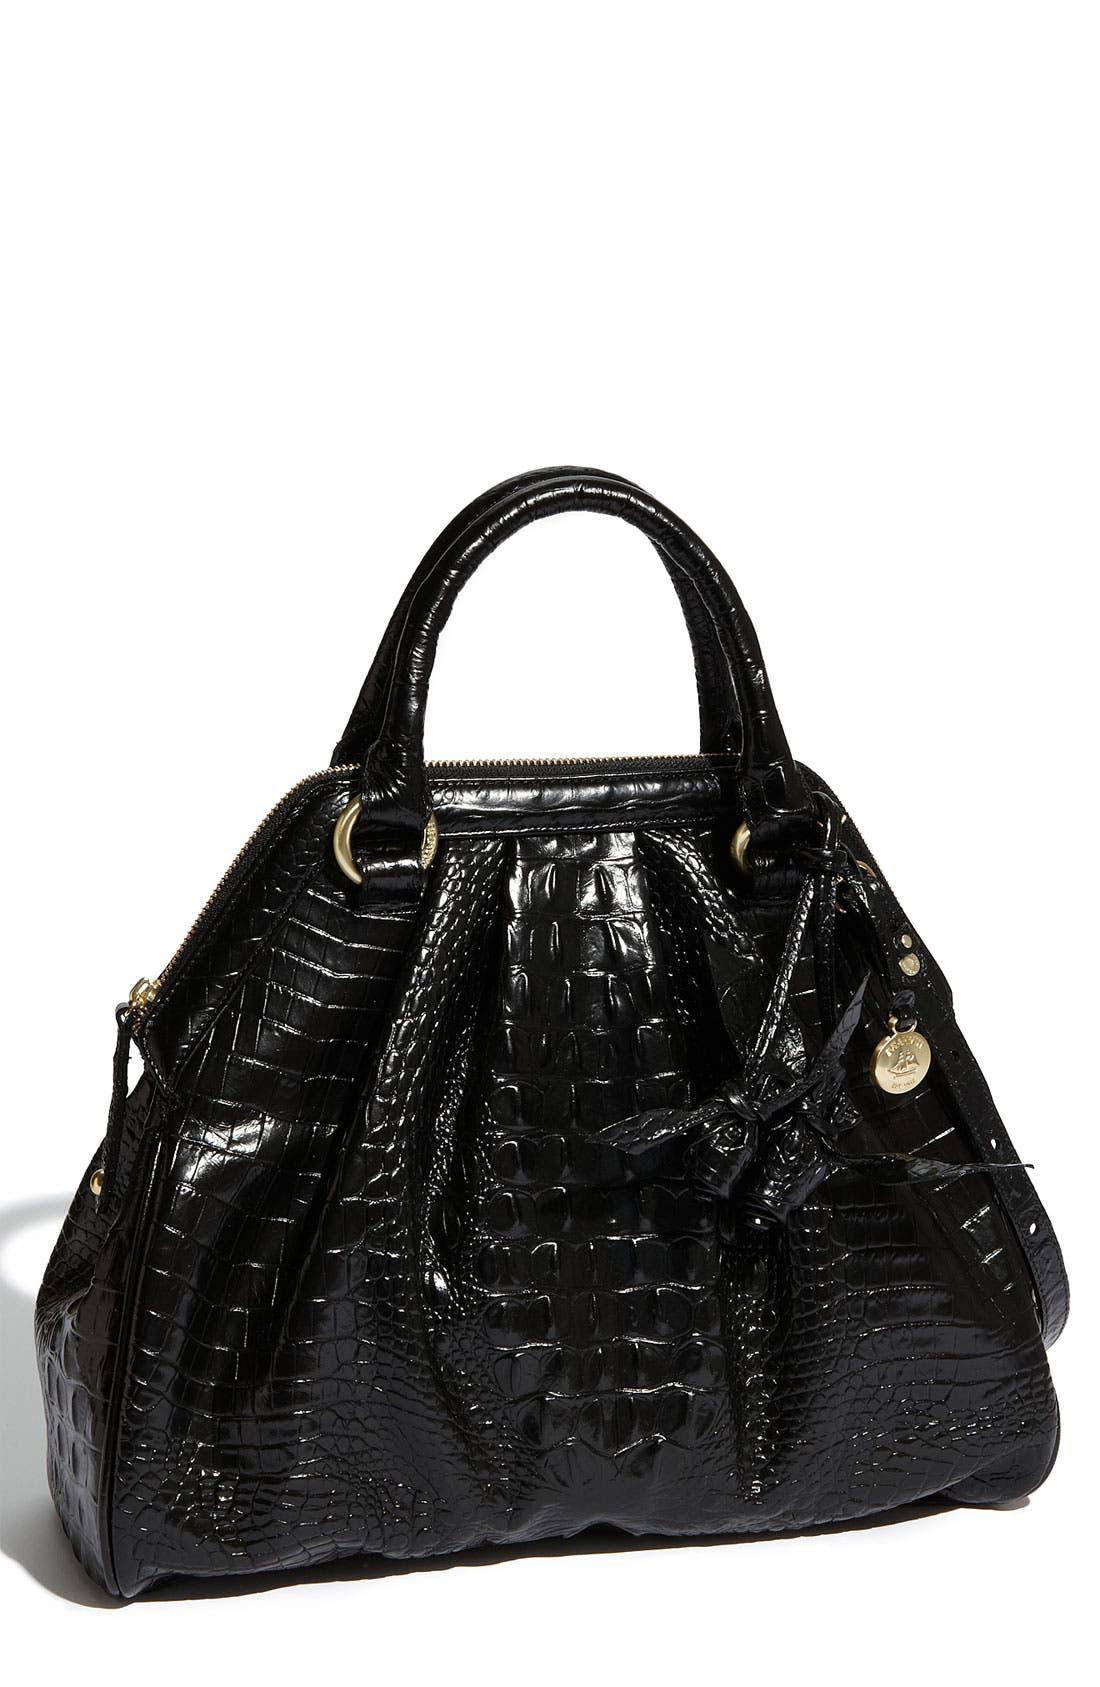 Main Image - Brahmin 'Sara Rose' Handbag